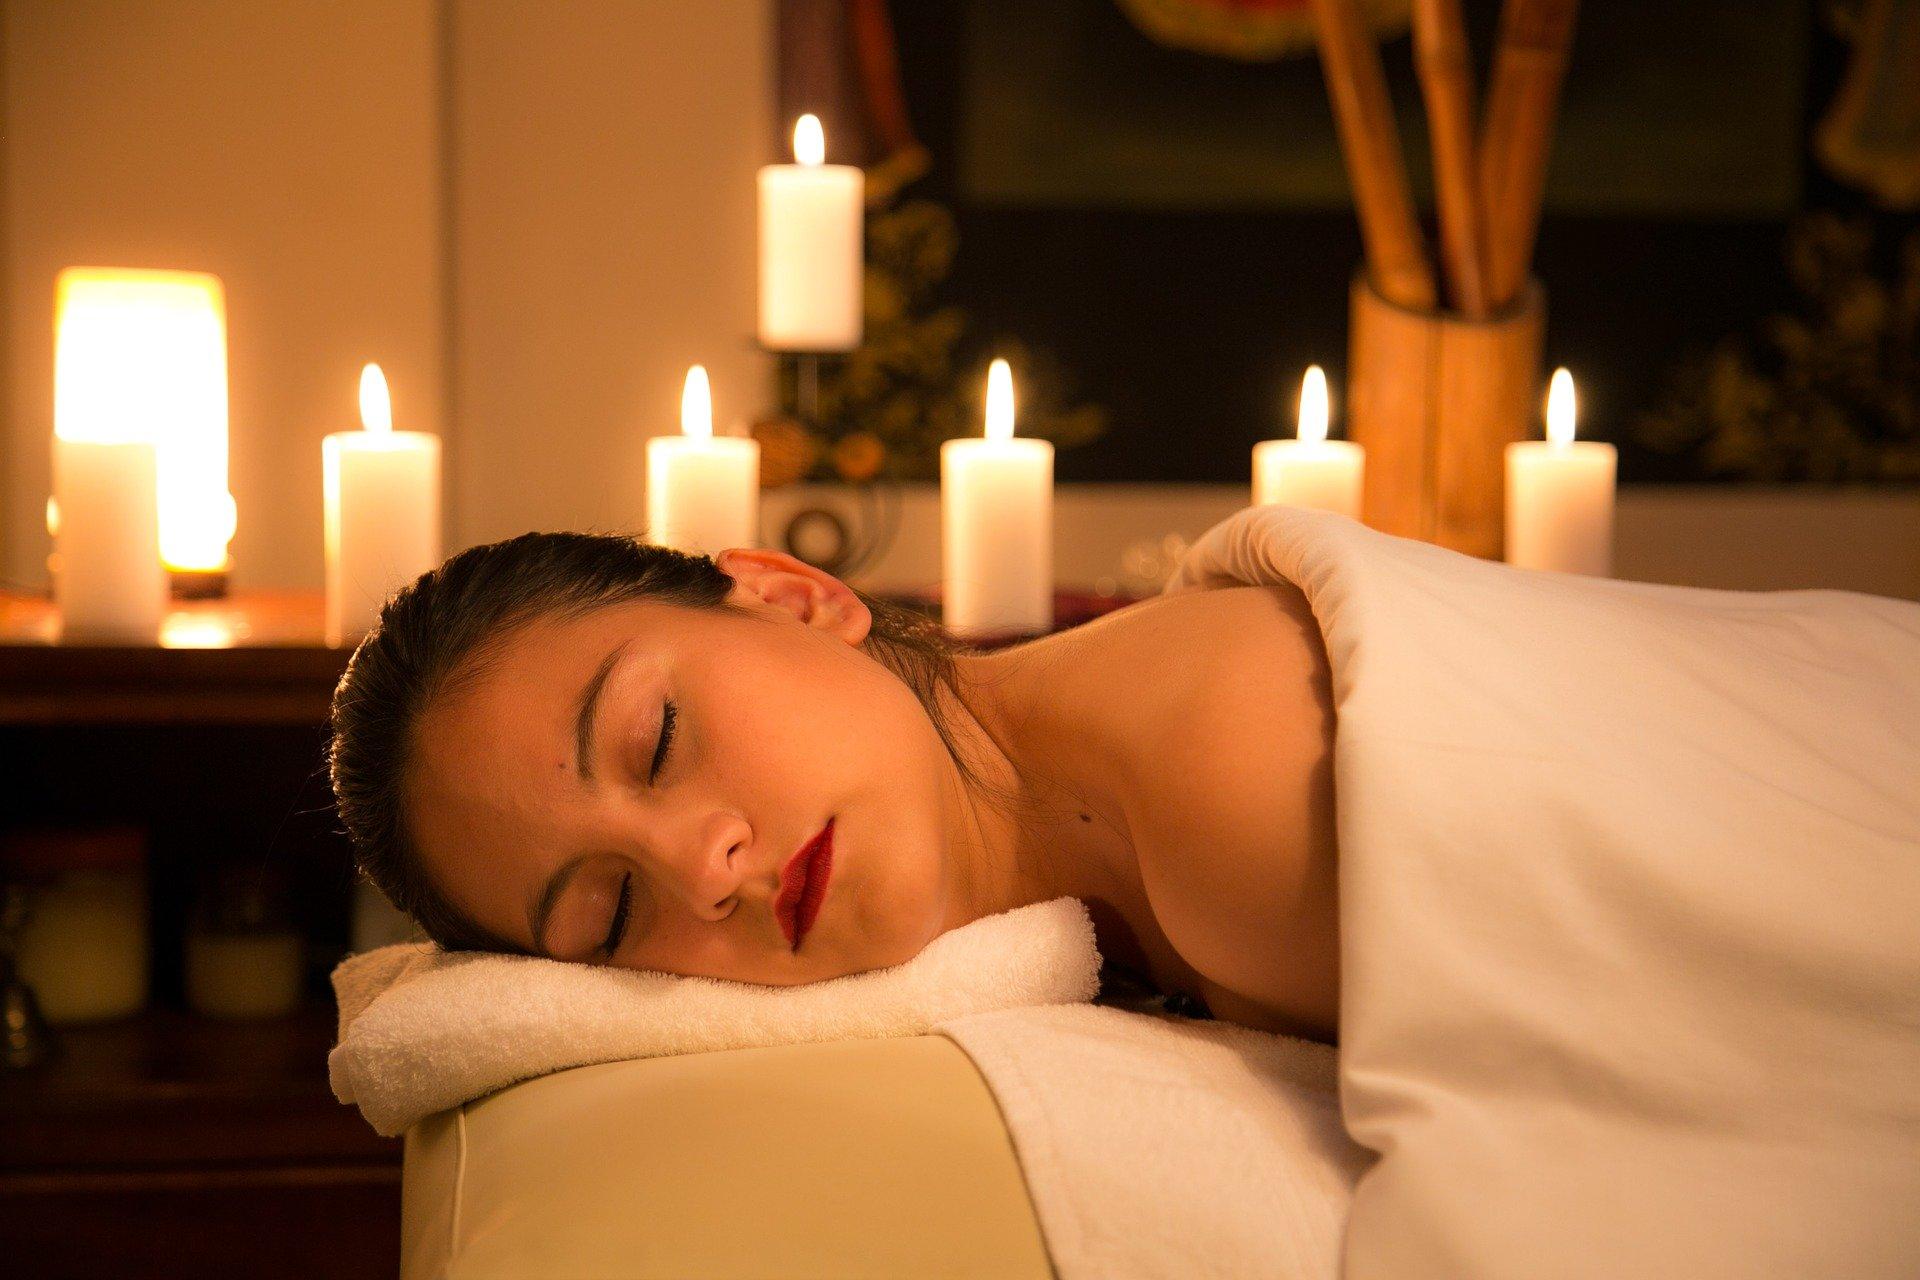 Frau entspannt auf Liege im Hintergrund brennen Kerzen